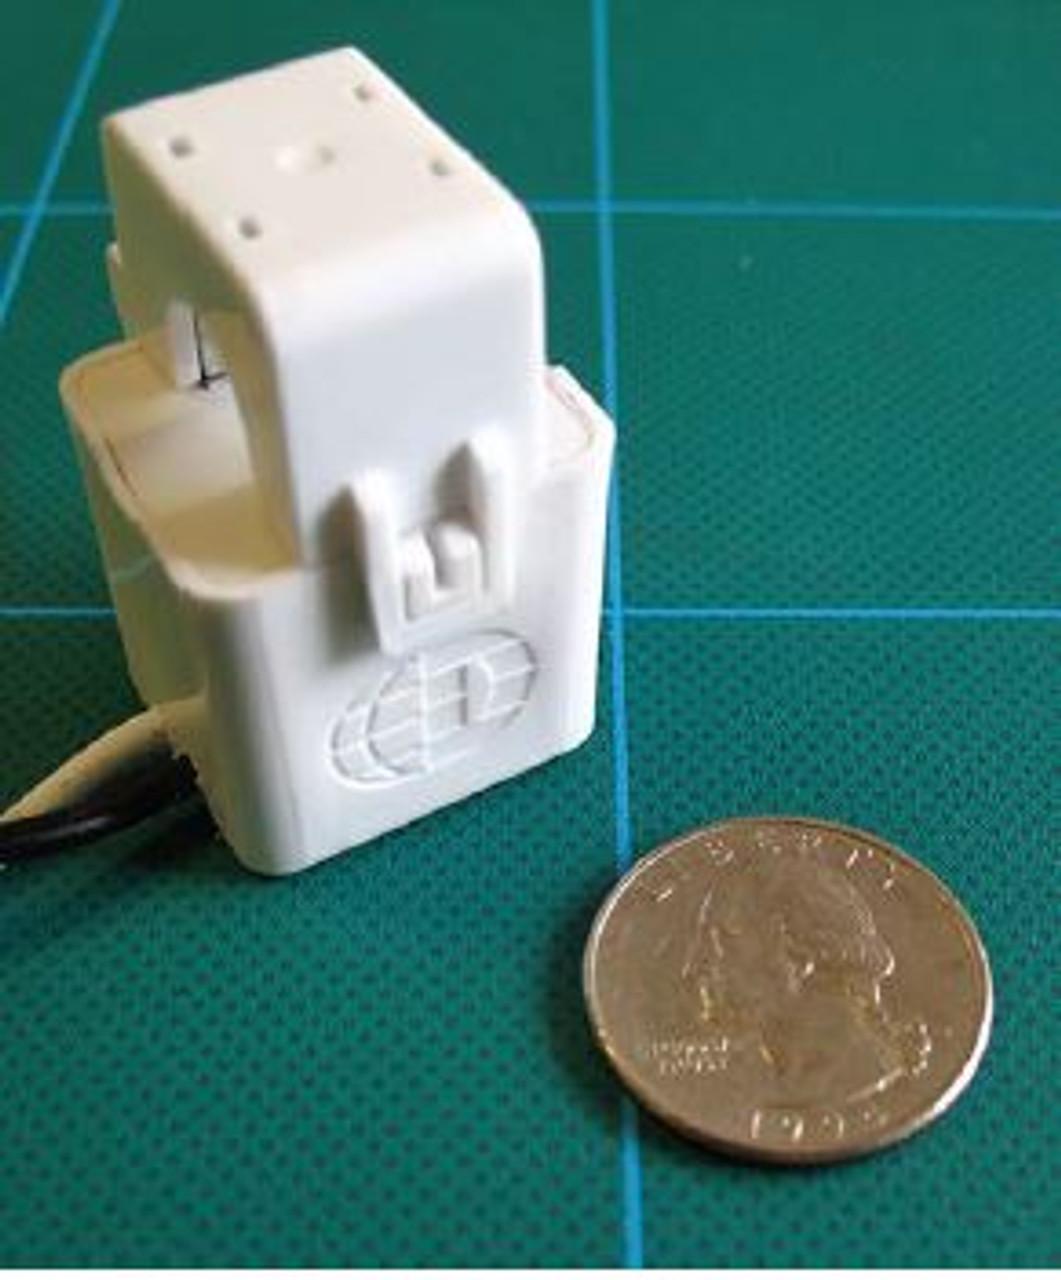 Dent Instruments 20 Amp Mini Current Transformer.